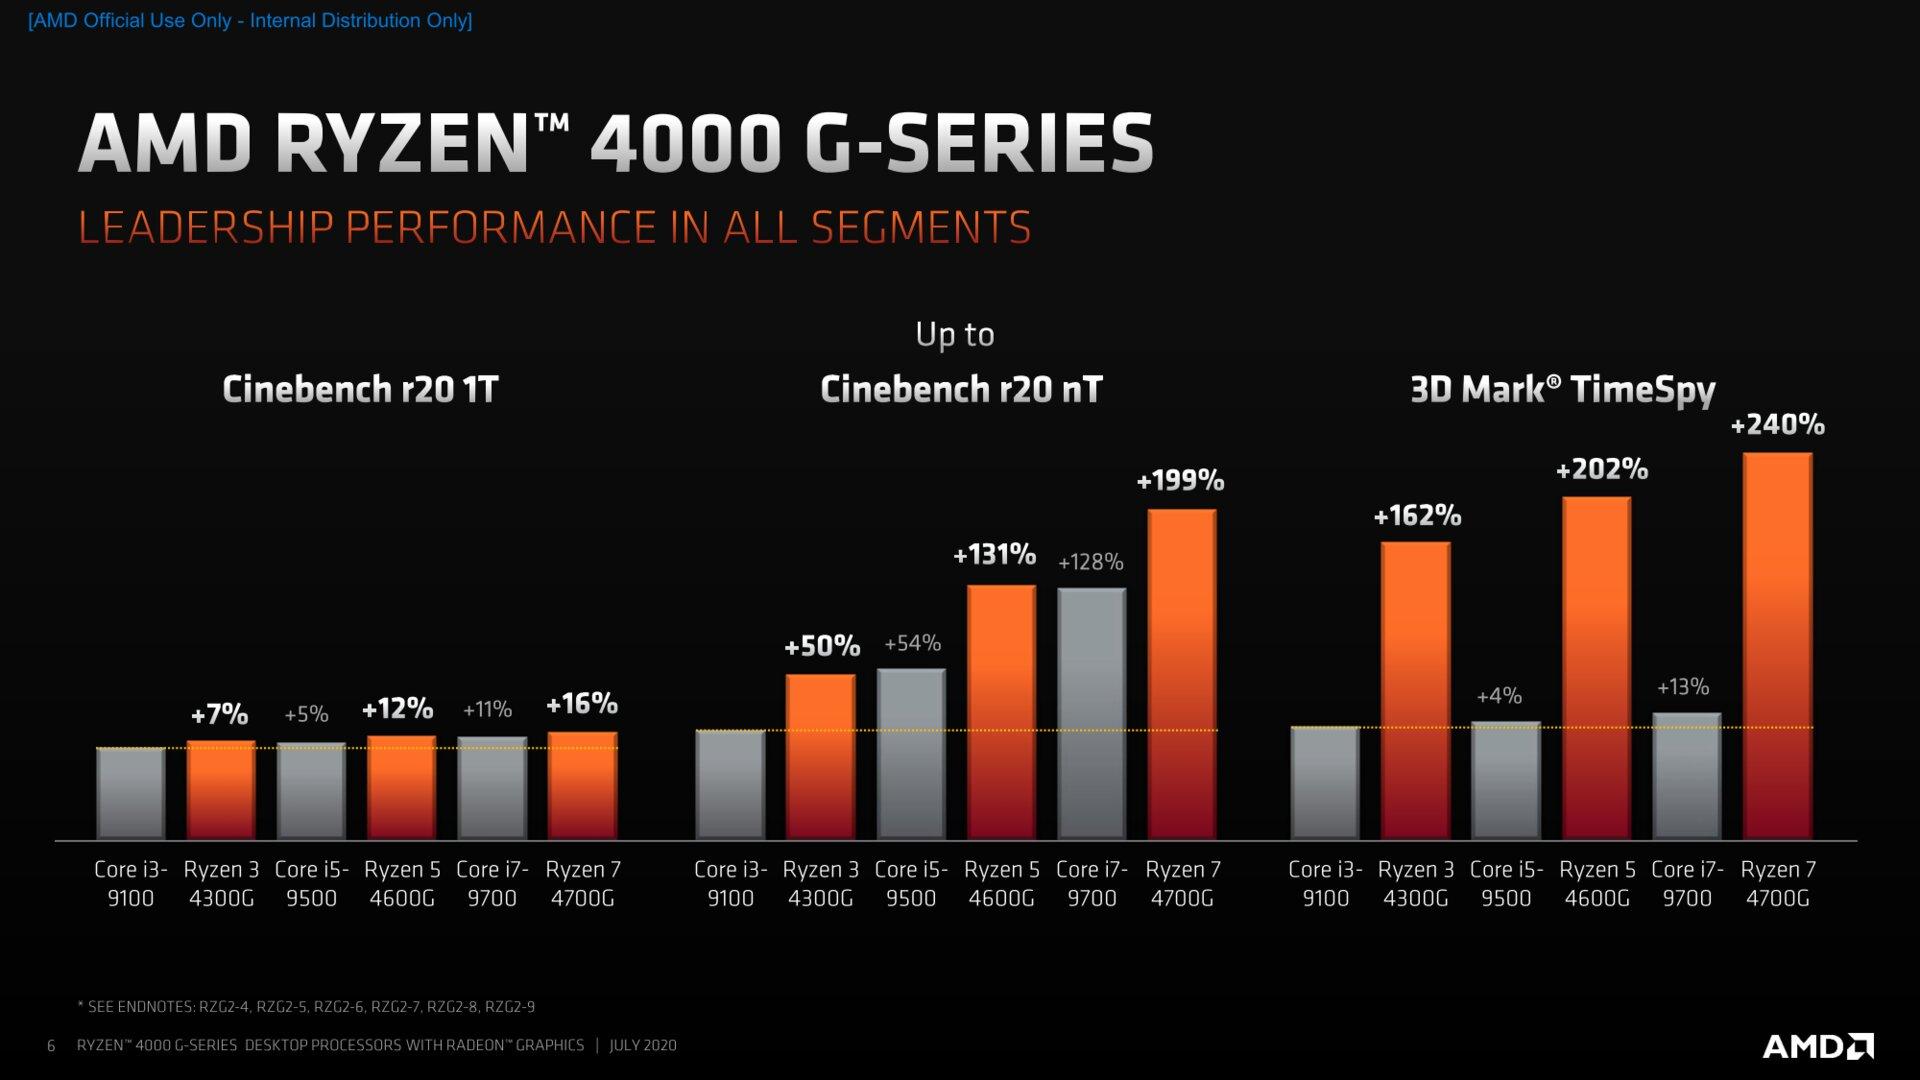 Renoir Desktop Benchmarks vs. Intel 6